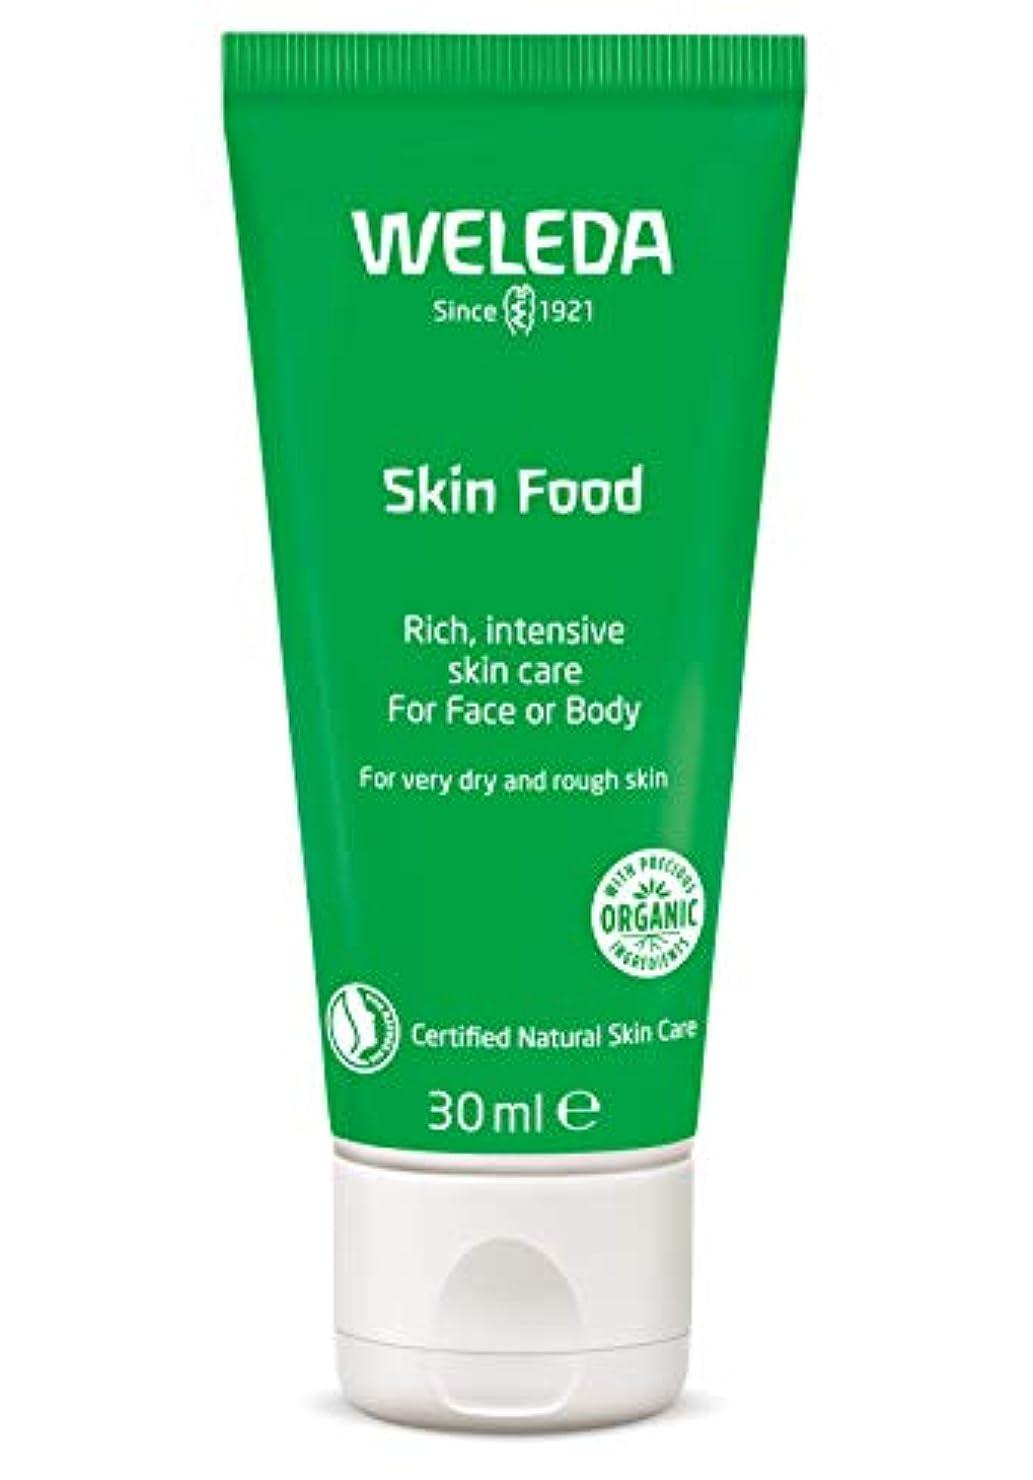 毒液チーター質量WELEDA(ヴェレダ) スキンフード(全身用クリーム) 30ml 【ひどい乾燥やゴワつきに?手や肘、かかとなどの集中ケアに?肌荒れしやすい季節のお顔のケアに】